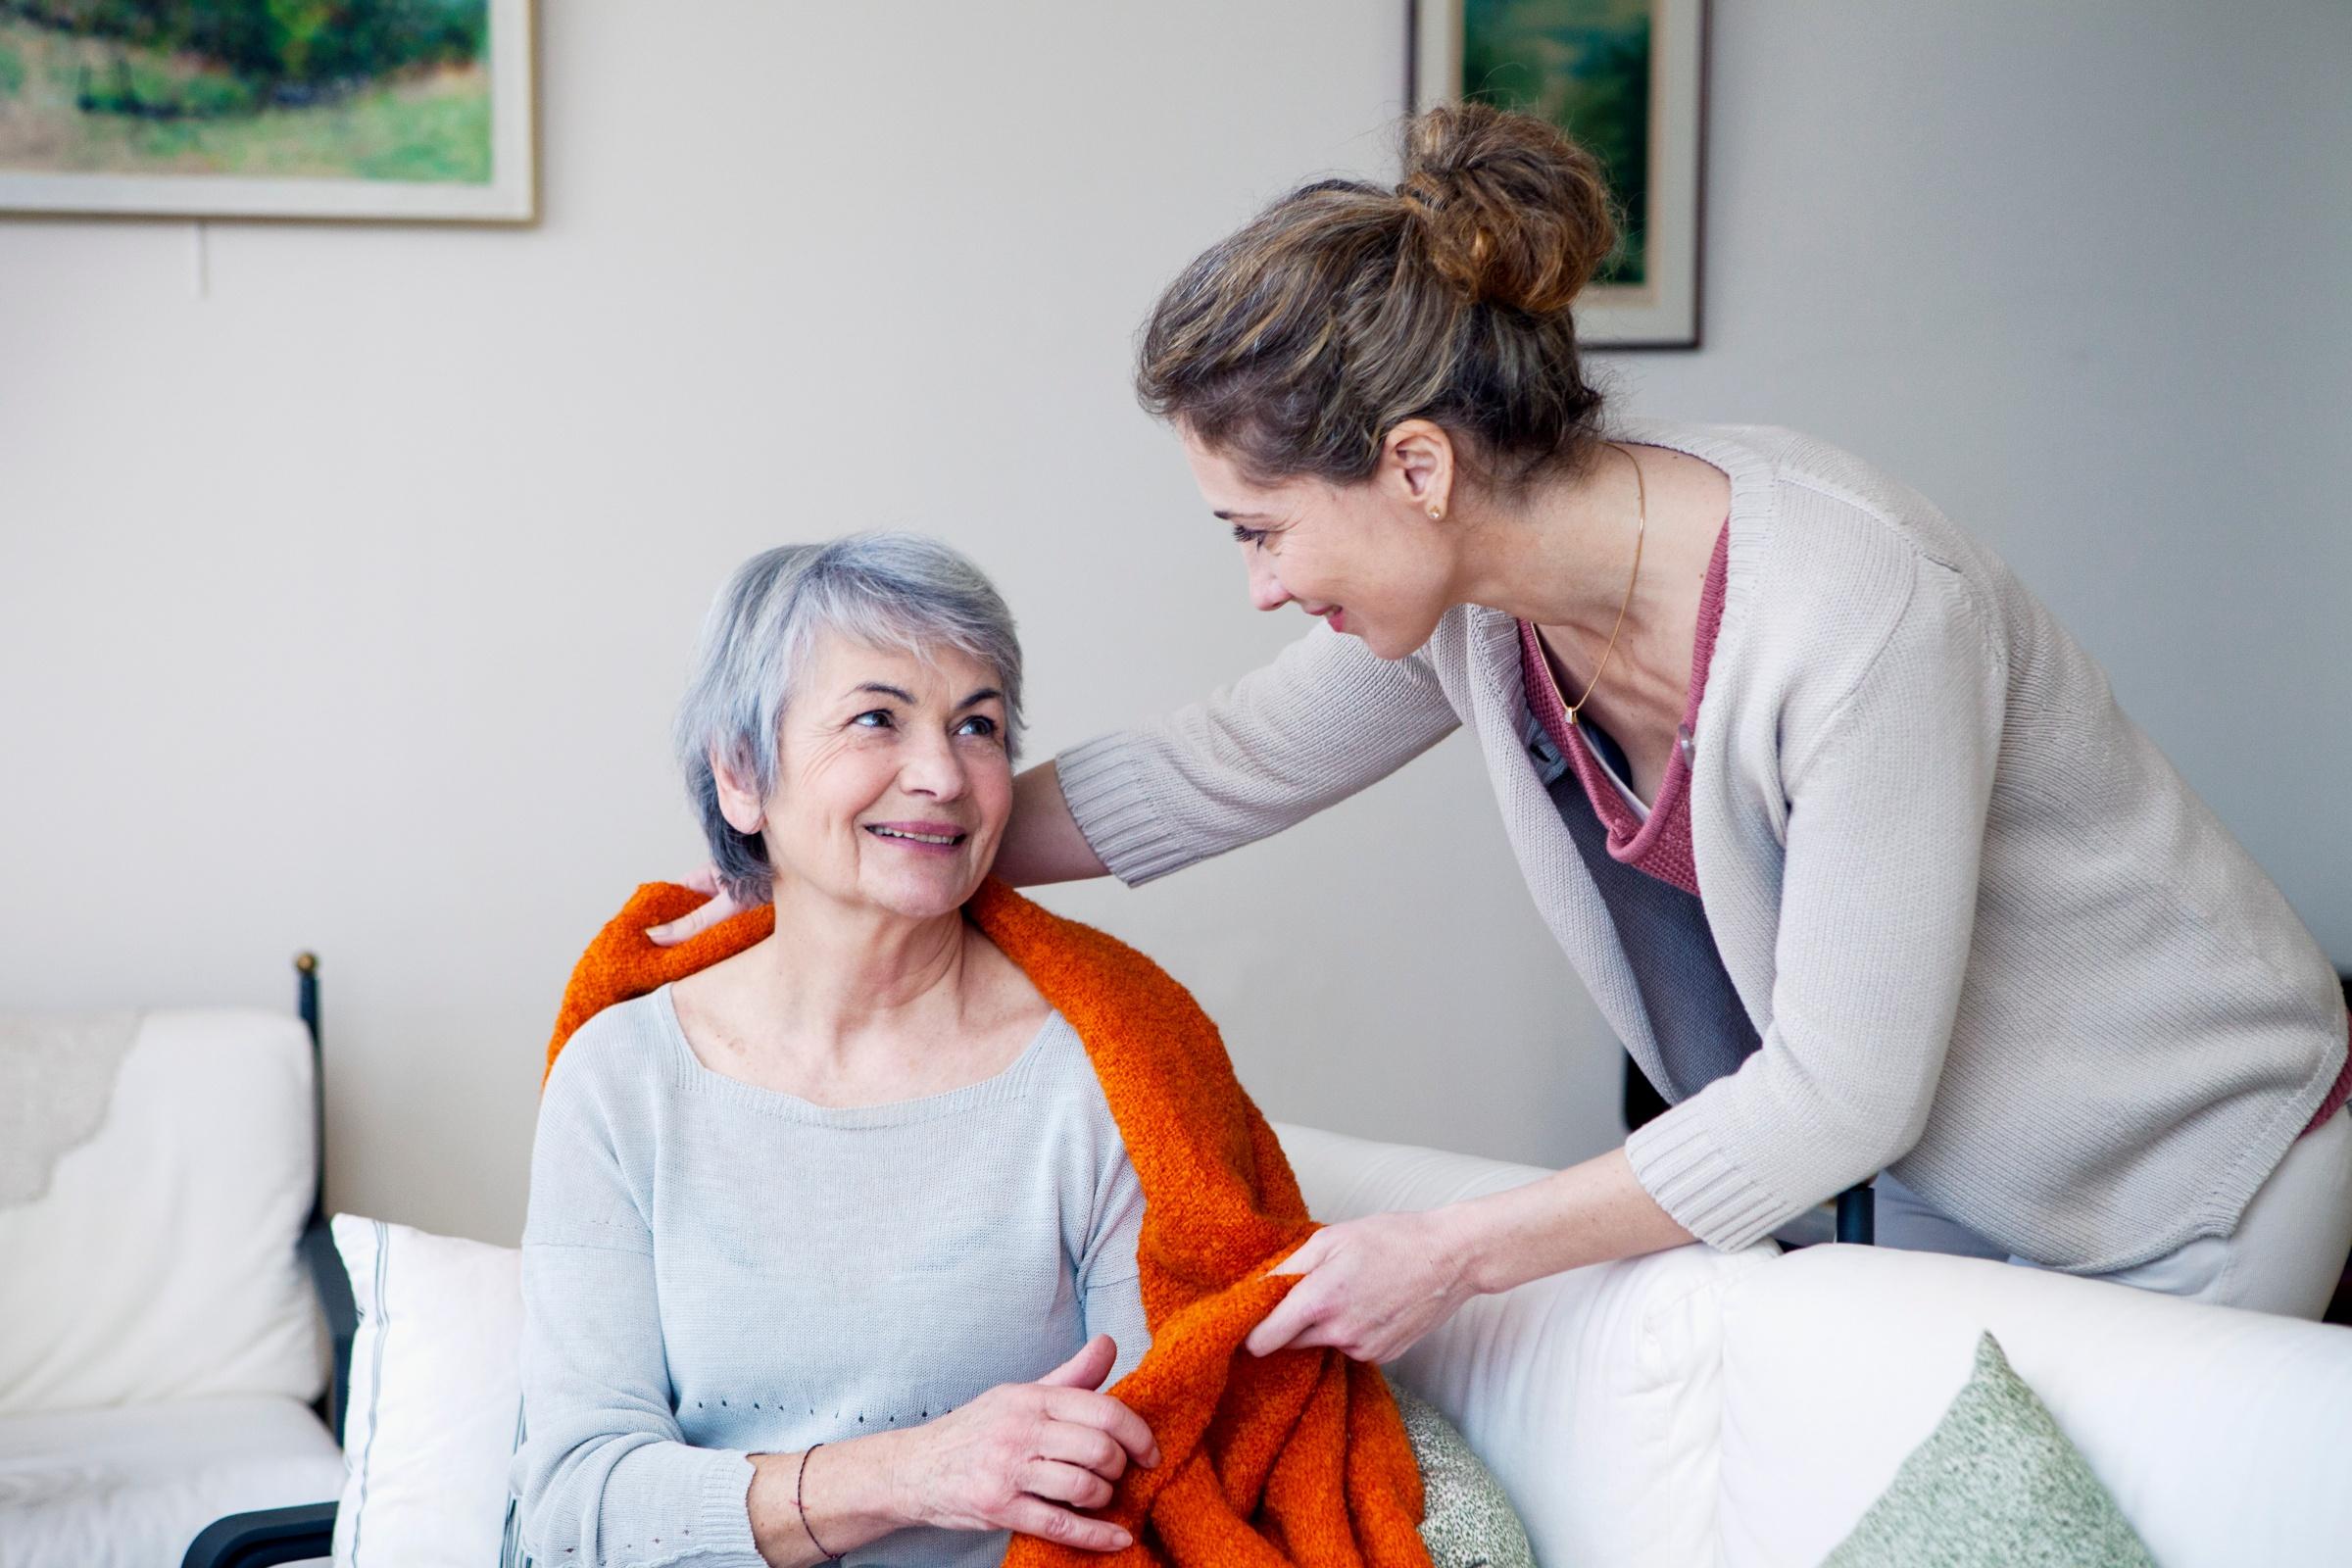 La CRS fournit un soutien précieux aux proches aidants afin de leur permettre d'accompagner aussi longtemps que possible et dans les meilleures conditions celles et ceux qui leur sont chers. (c) CRS, Corbis Dukas